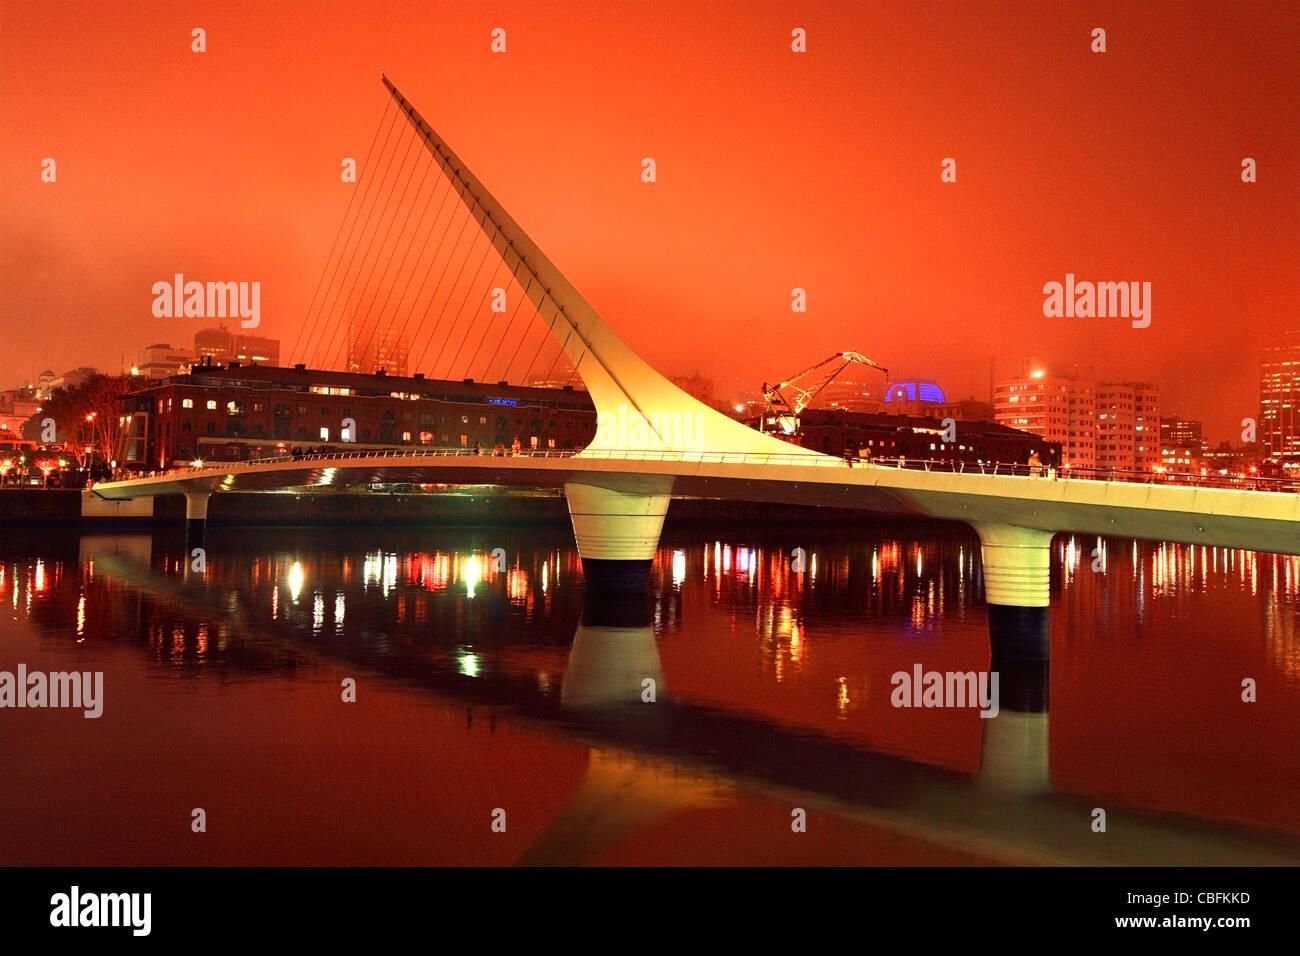 Pont de la Femme vue au coucher du soleil orange orageux, avec silhouette ville au fond. Photo Stock